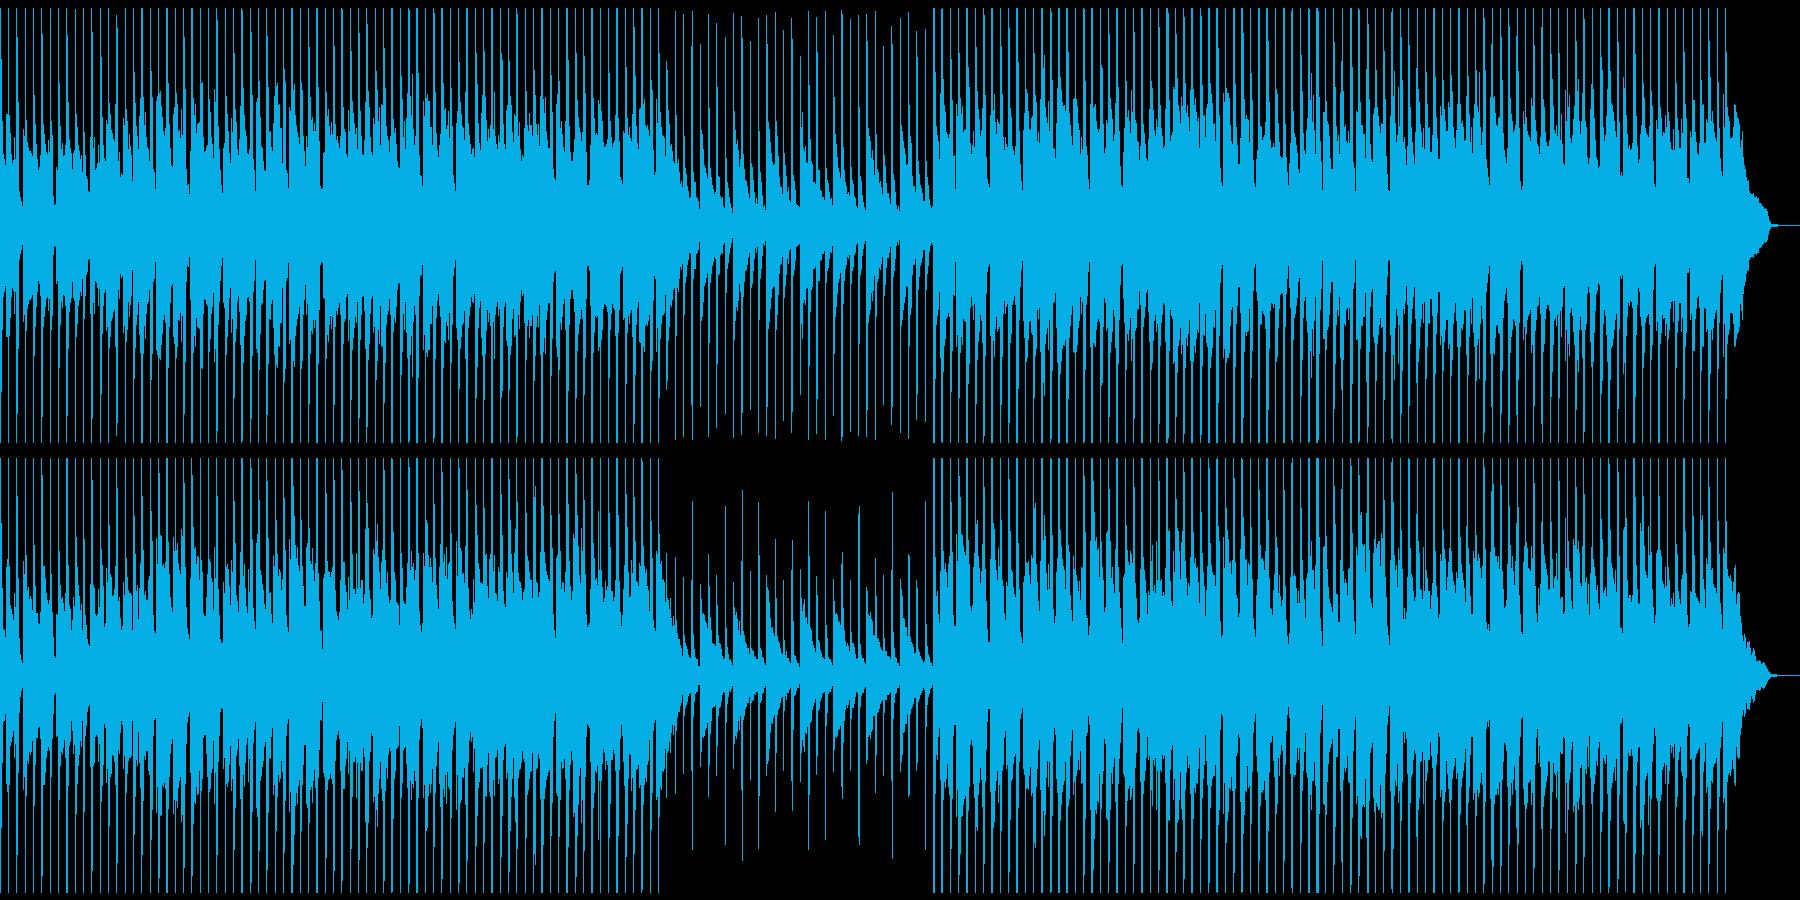 可愛い動物をイメージさせるような曲の再生済みの波形